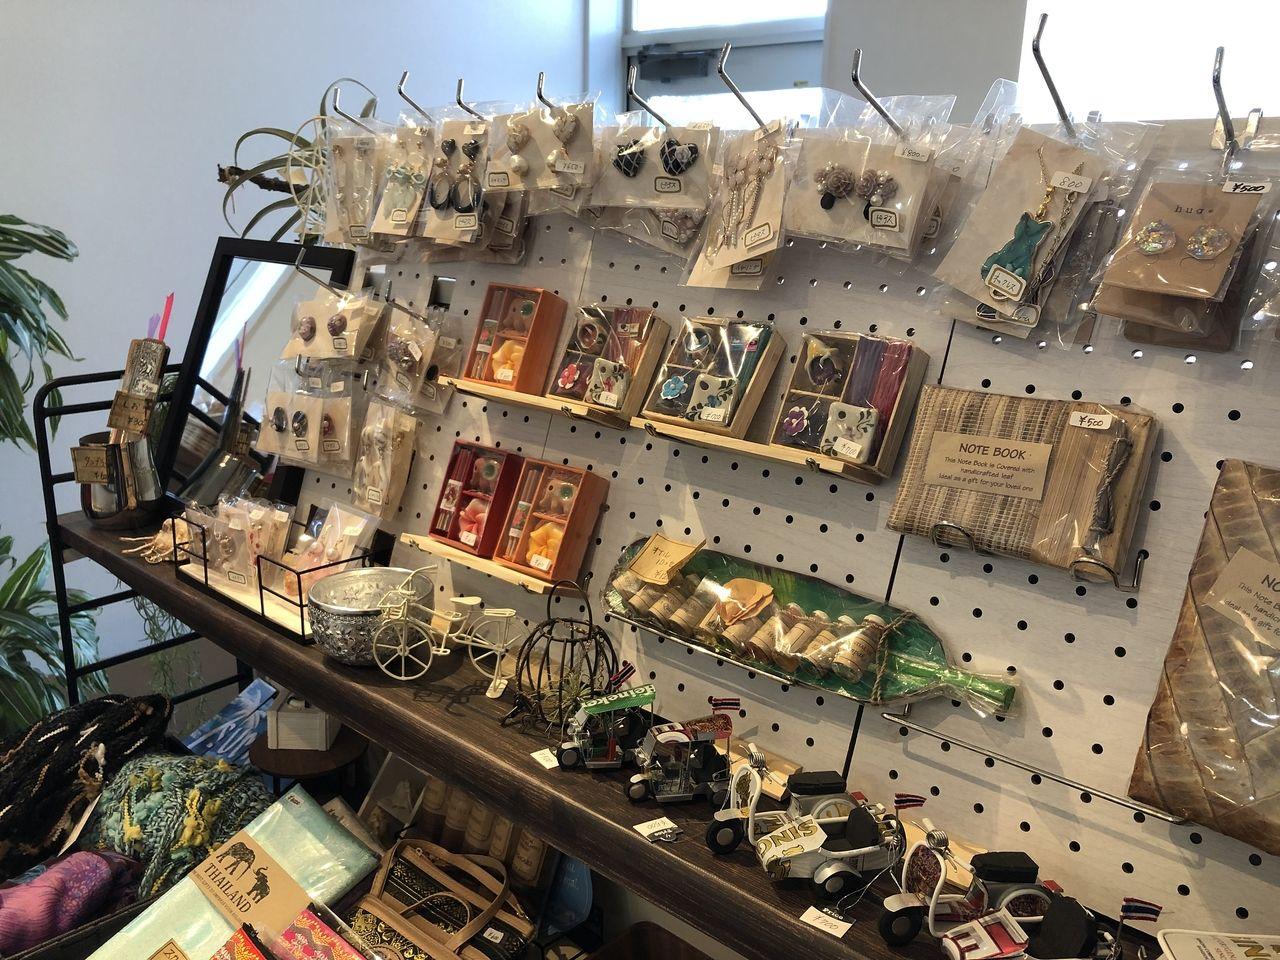 アクセサリーや雑貨のコーナー(四万十市中村桜町のサクラビレ)